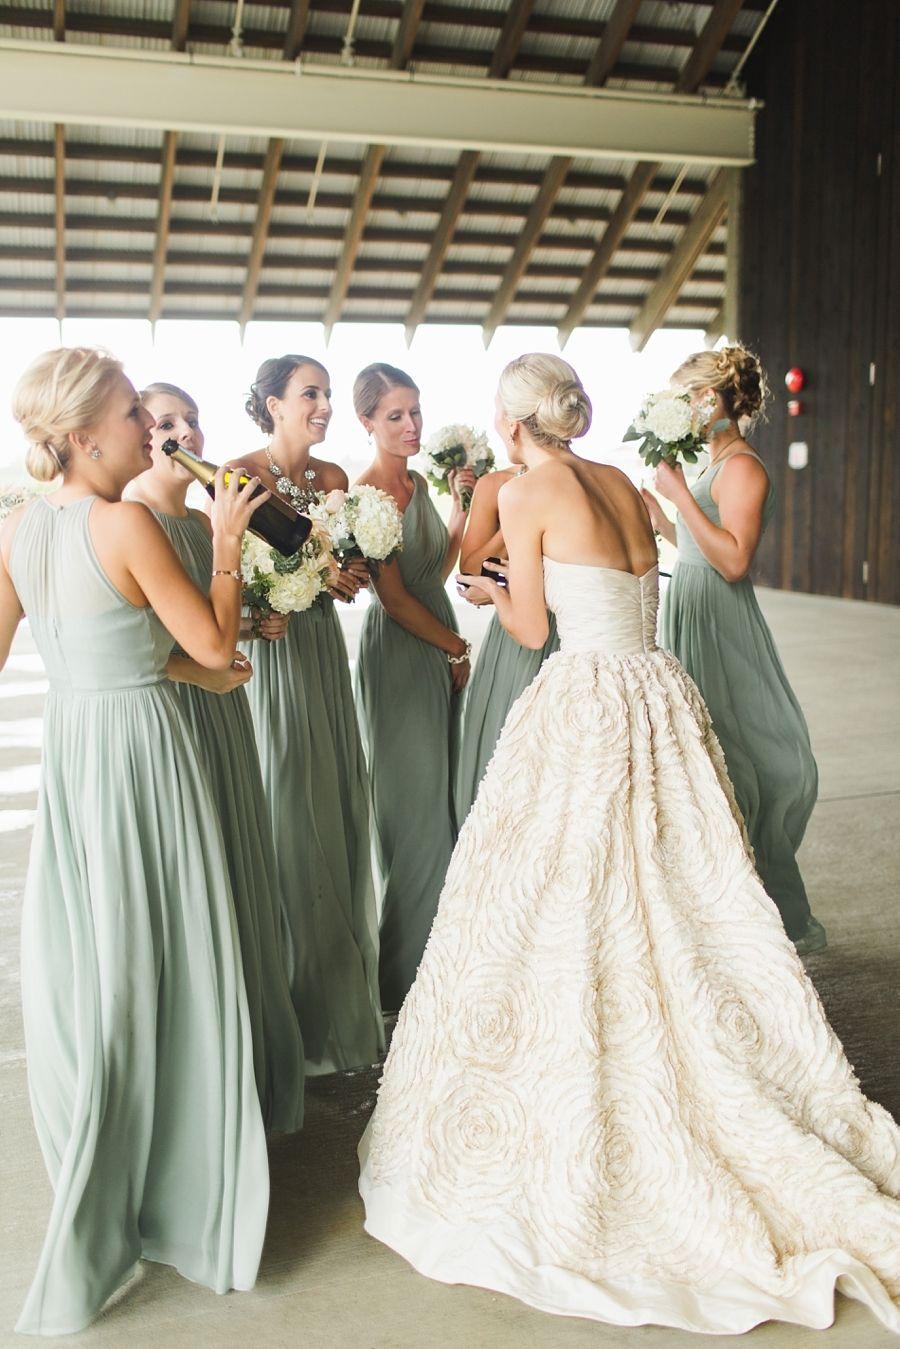 Photography: Ashley Caroline Photography - http://www.stylemepretty.com/portfolio/ashley-caroline-photography Wedding Dress: Amsale - http://www.stylemepretty.com/portfolio/amsale Bridesmaids' Dresses: J.Crew - http://www.stylemepretty.com/portfolio/jcrew   Read More on SMP: http://www.stylemepretty.com/2015/06/22/traditionally-elegant-hamptons-wedding/